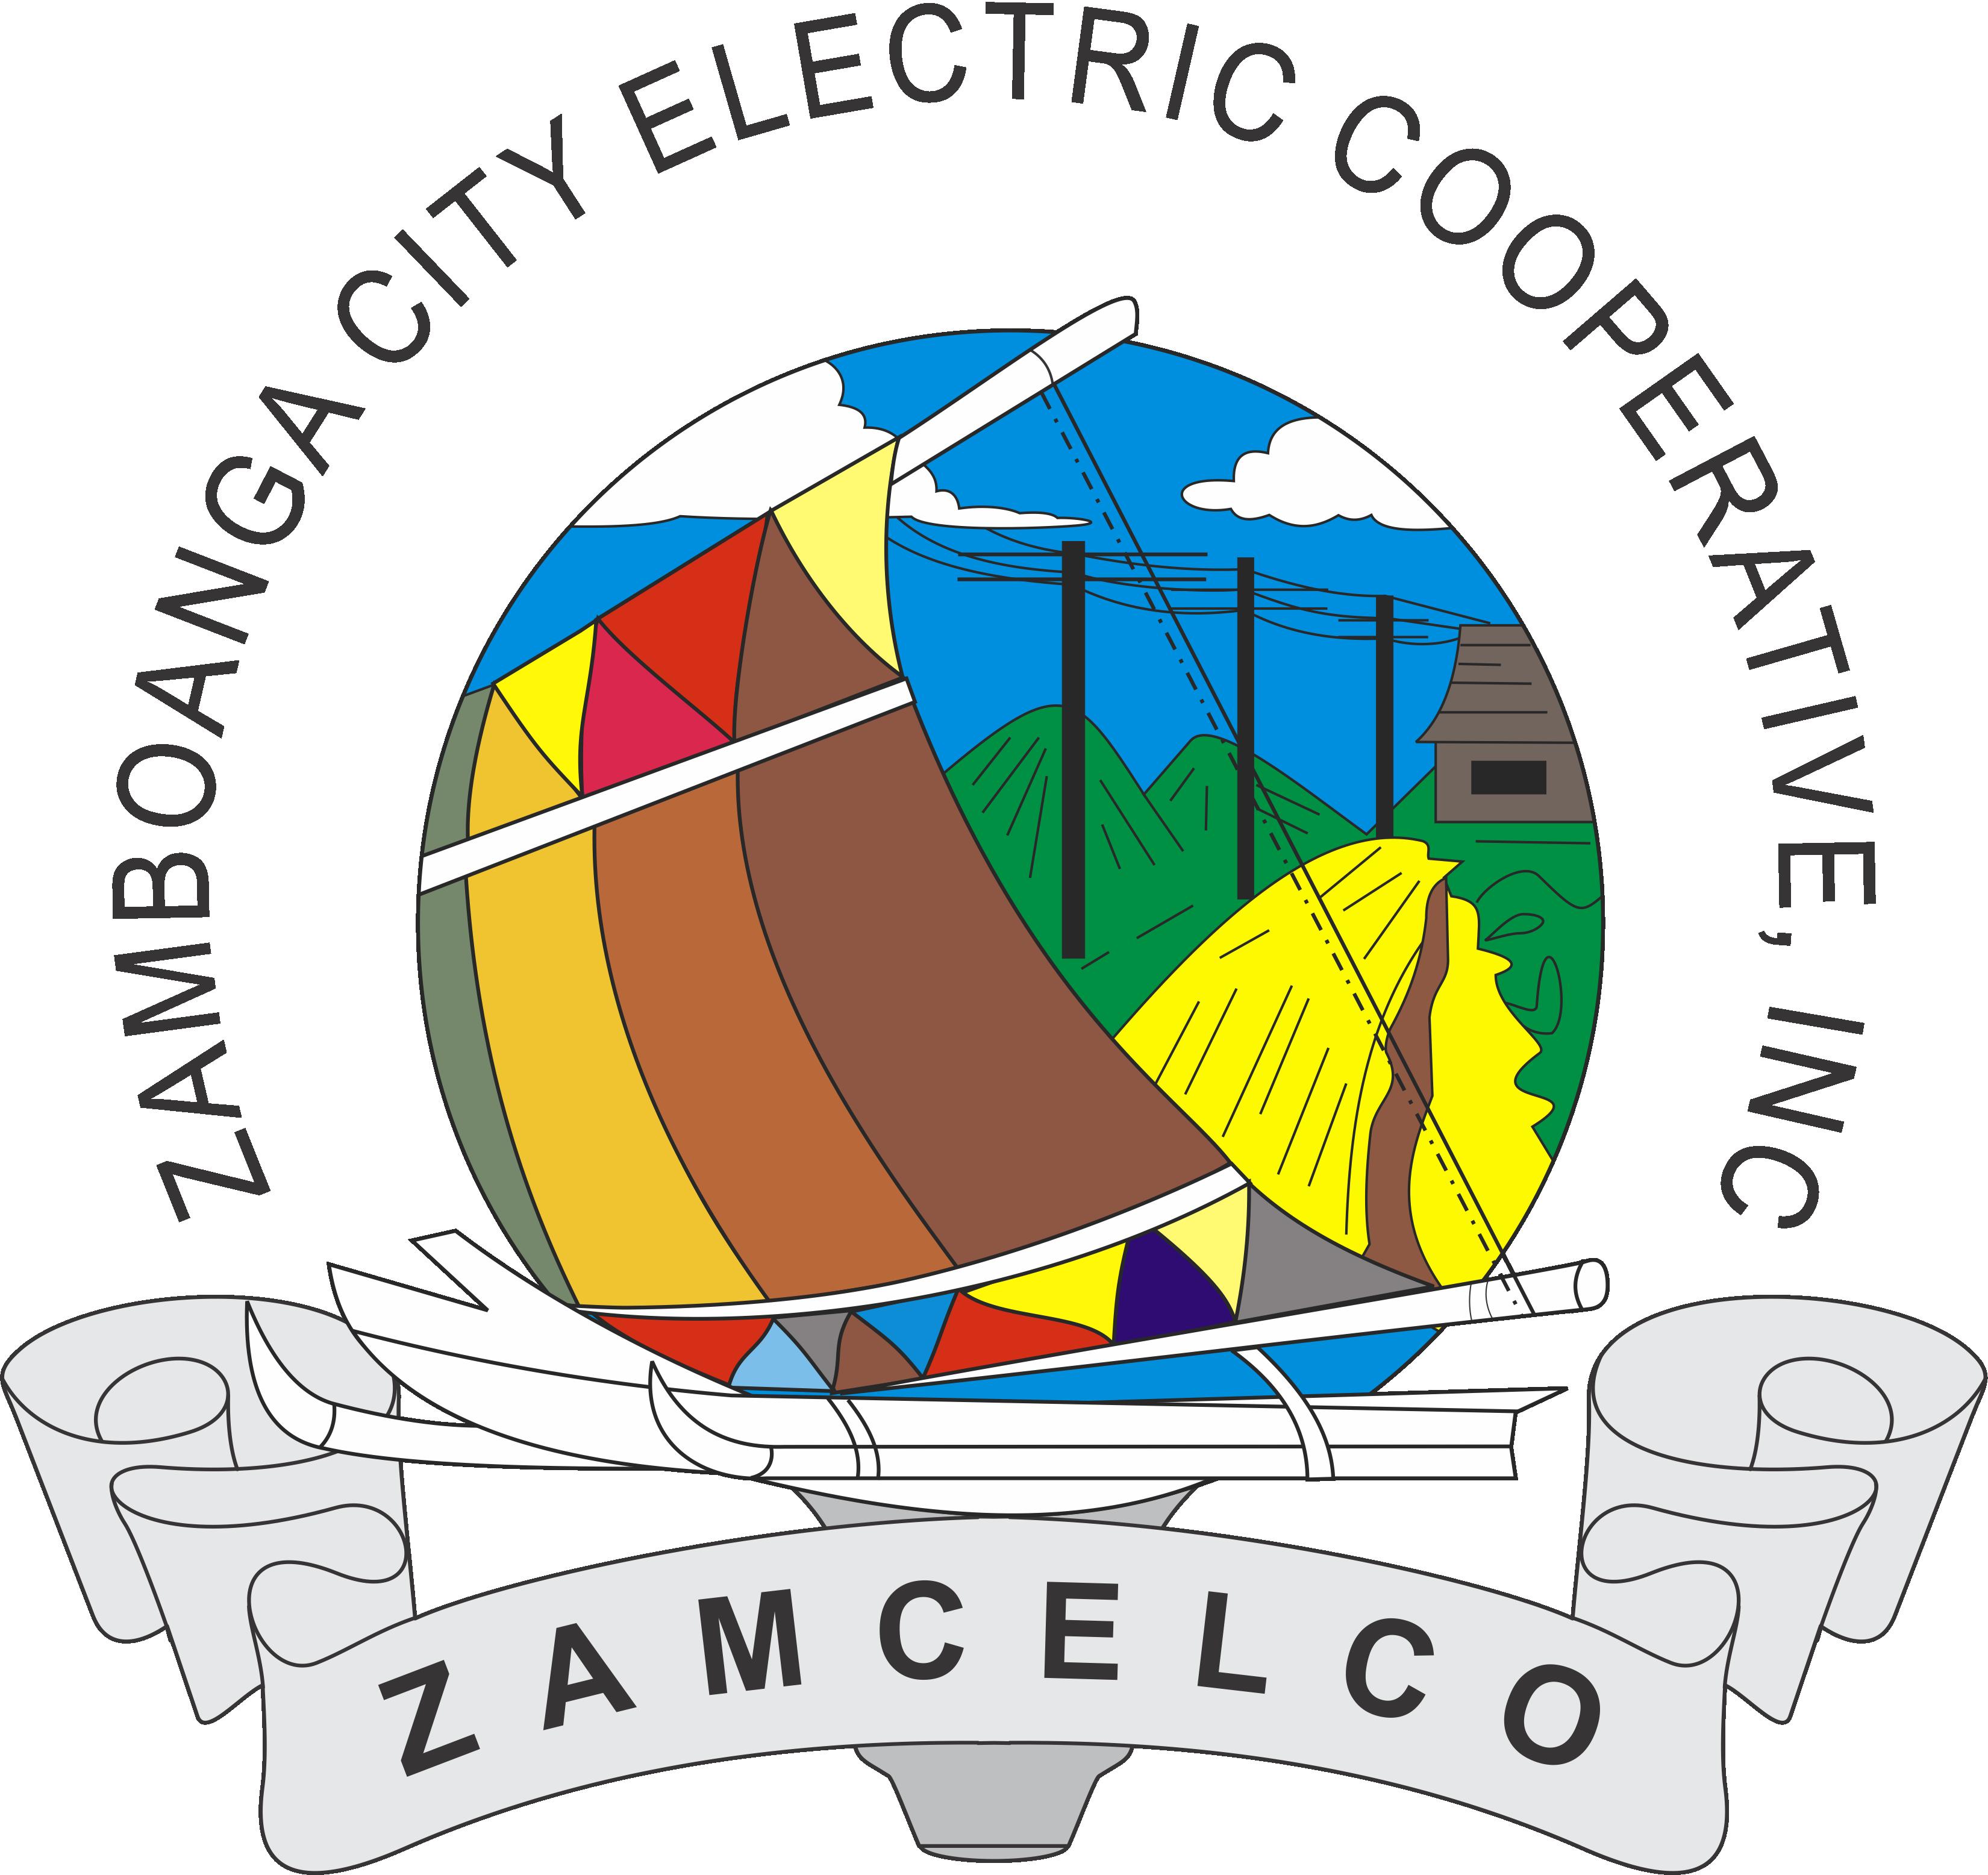 ZAMCELCO-Logo